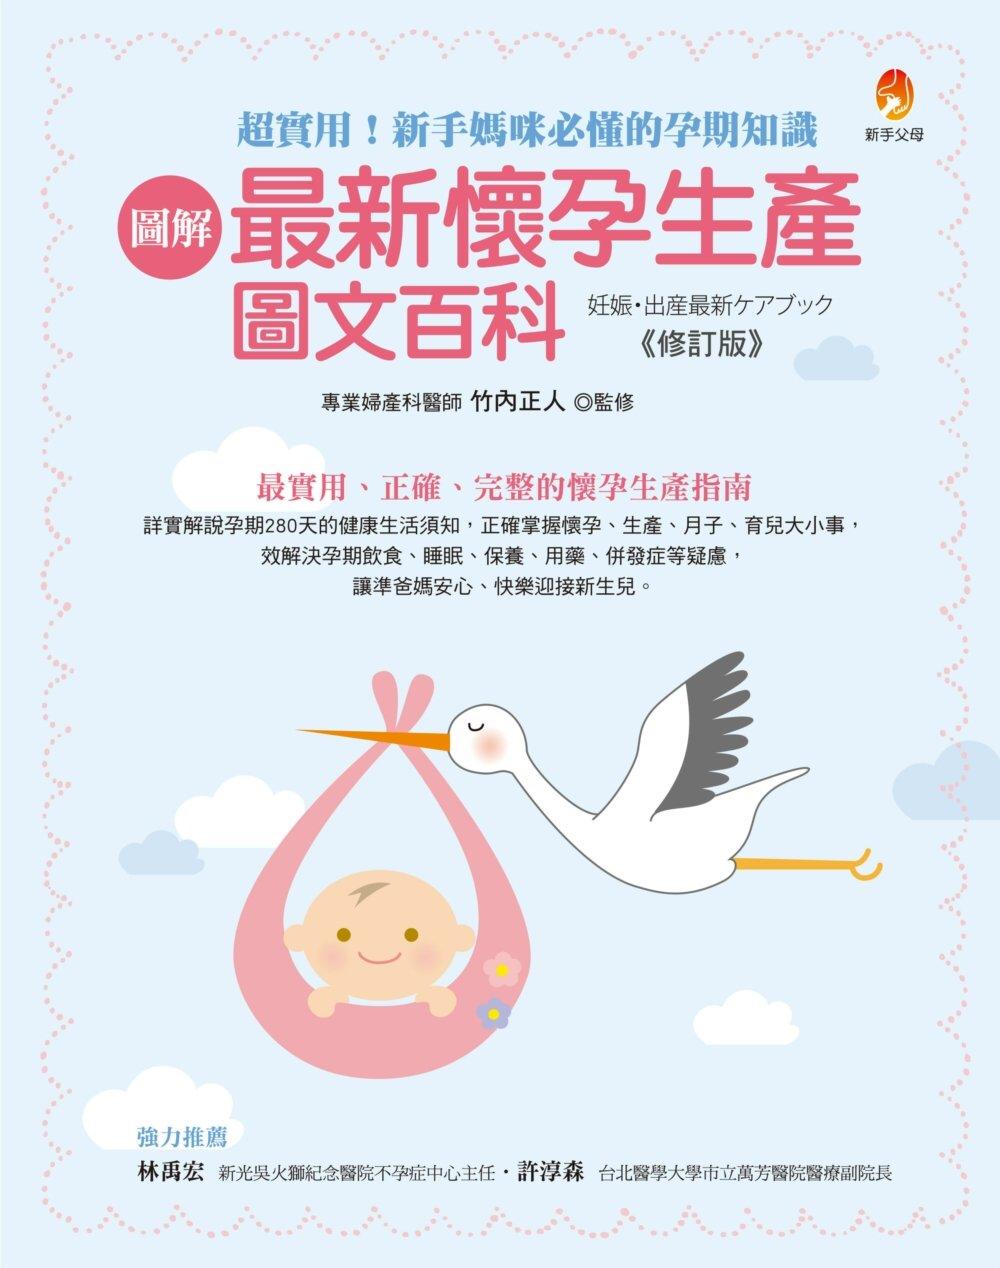 圖解最新懷孕生產圖文百科修訂版